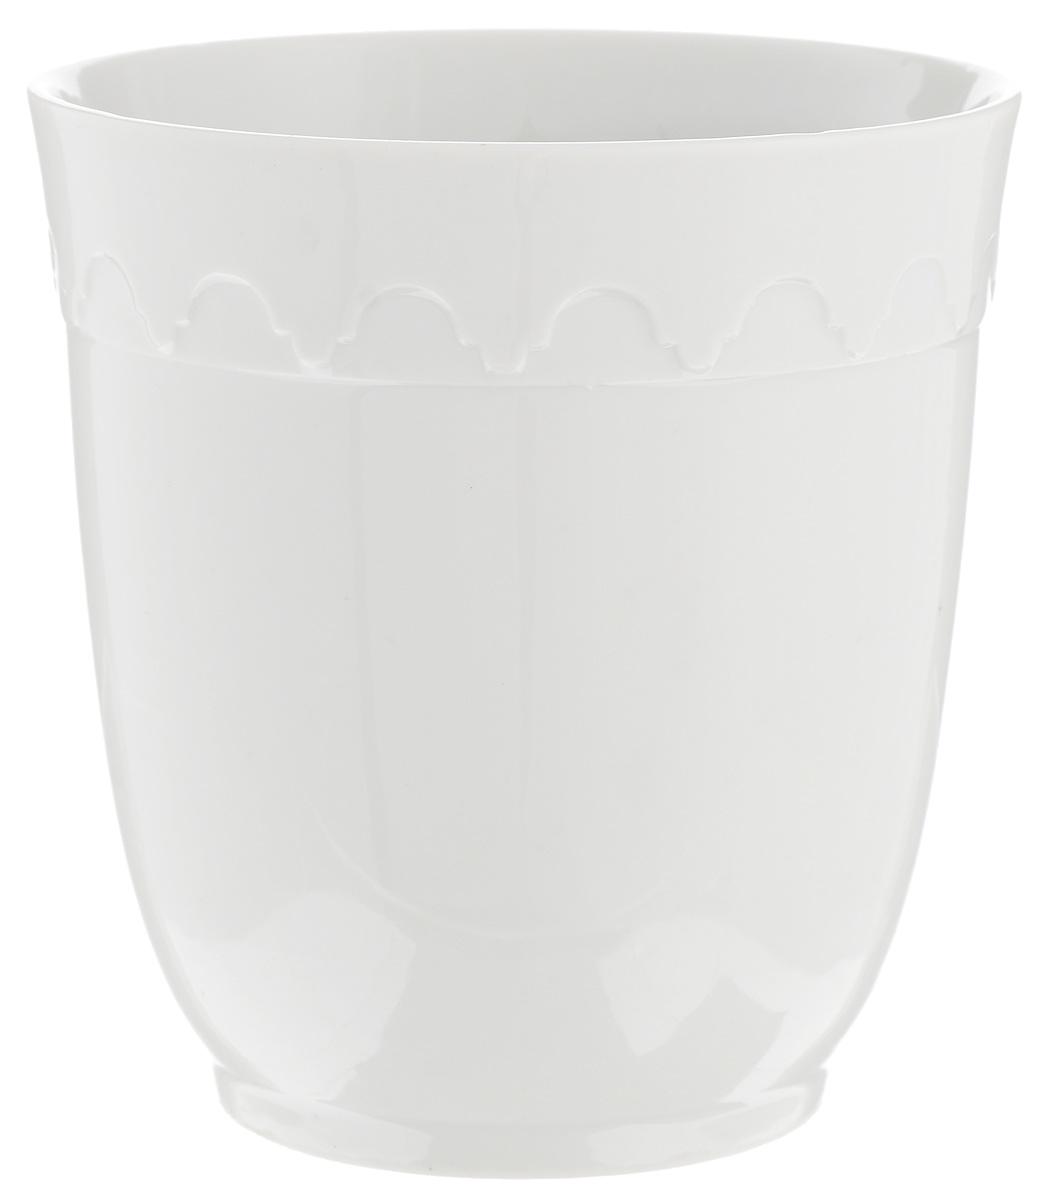 Кружка Фарфор Вербилок Арабеска, без ручки, 250 мл1129000БКружка Фарфор Вербилок Арабеска способна скрасить любое чаепитие. Изделие выполнено из высококачественного фарфора. Посуда из такого материала позволяет сохранить истинный вкус напитка, а также помогает ему дольше оставаться теплым. Диаметр по верхнему краю: 8 см. Высота кружки: 9 см.